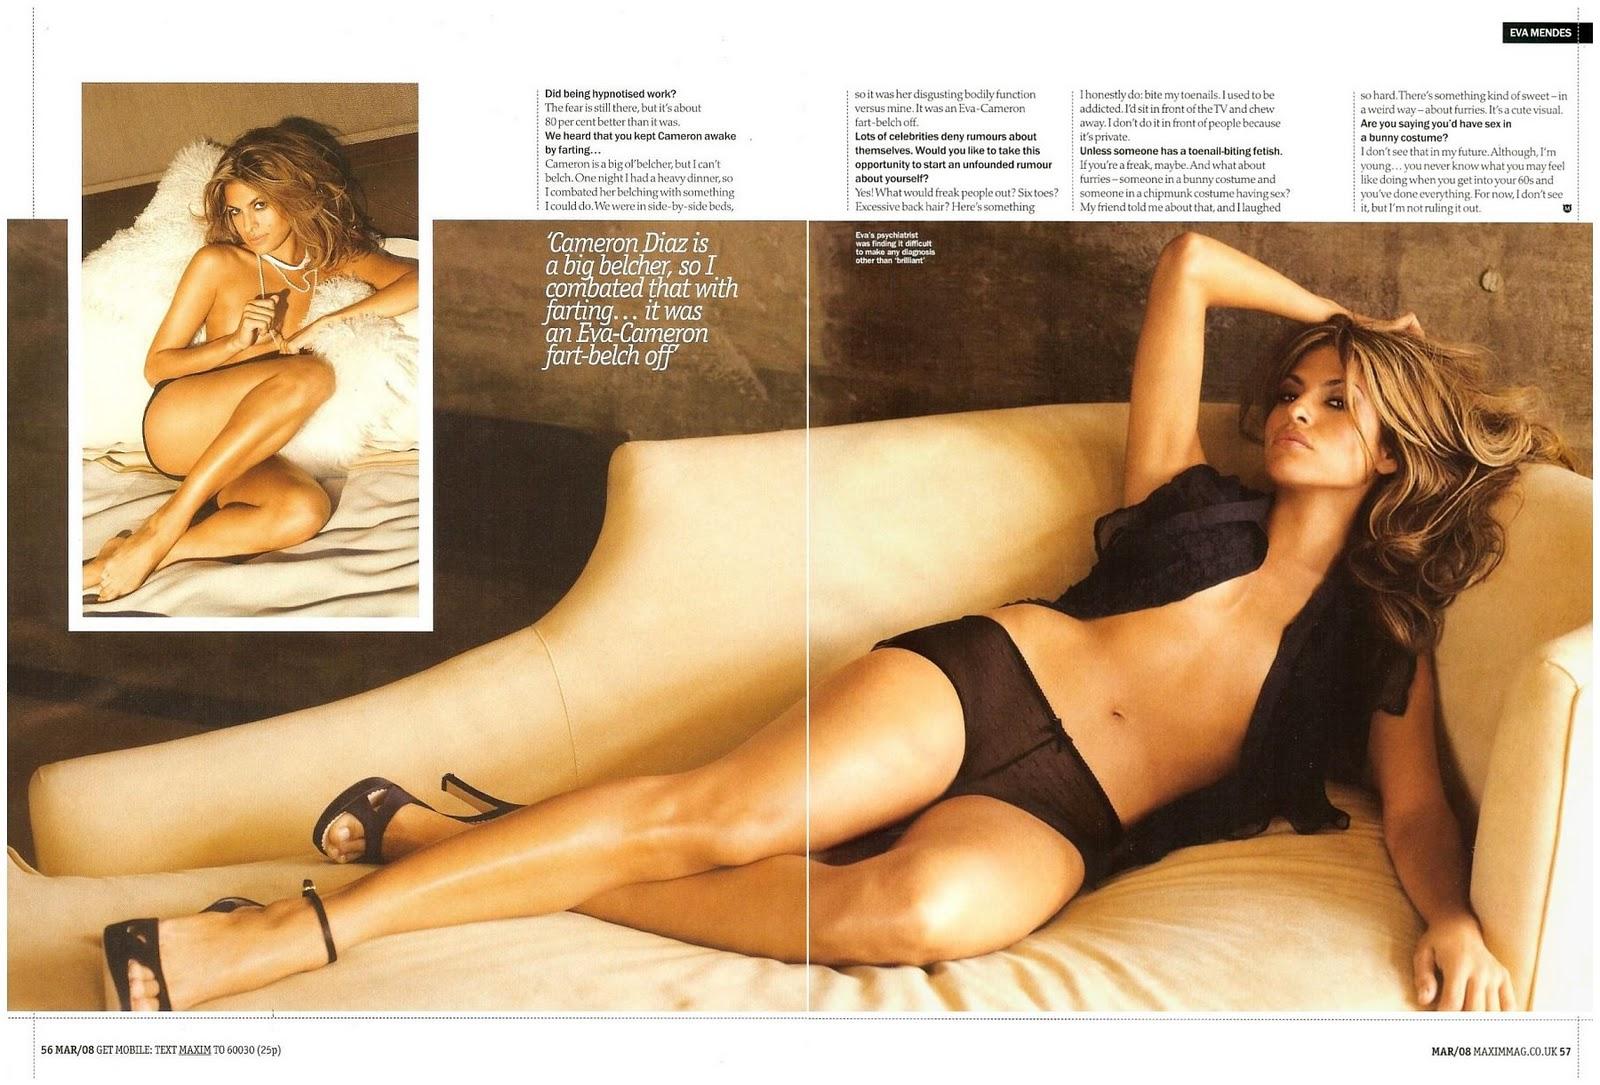 http://4.bp.blogspot.com/_WDCWEjl45FQ/TPrLlK94NLI/AAAAAAAABWQ/taX98Qj0gUk/s1600/eva-mendes-topless-maxim-04.jpg